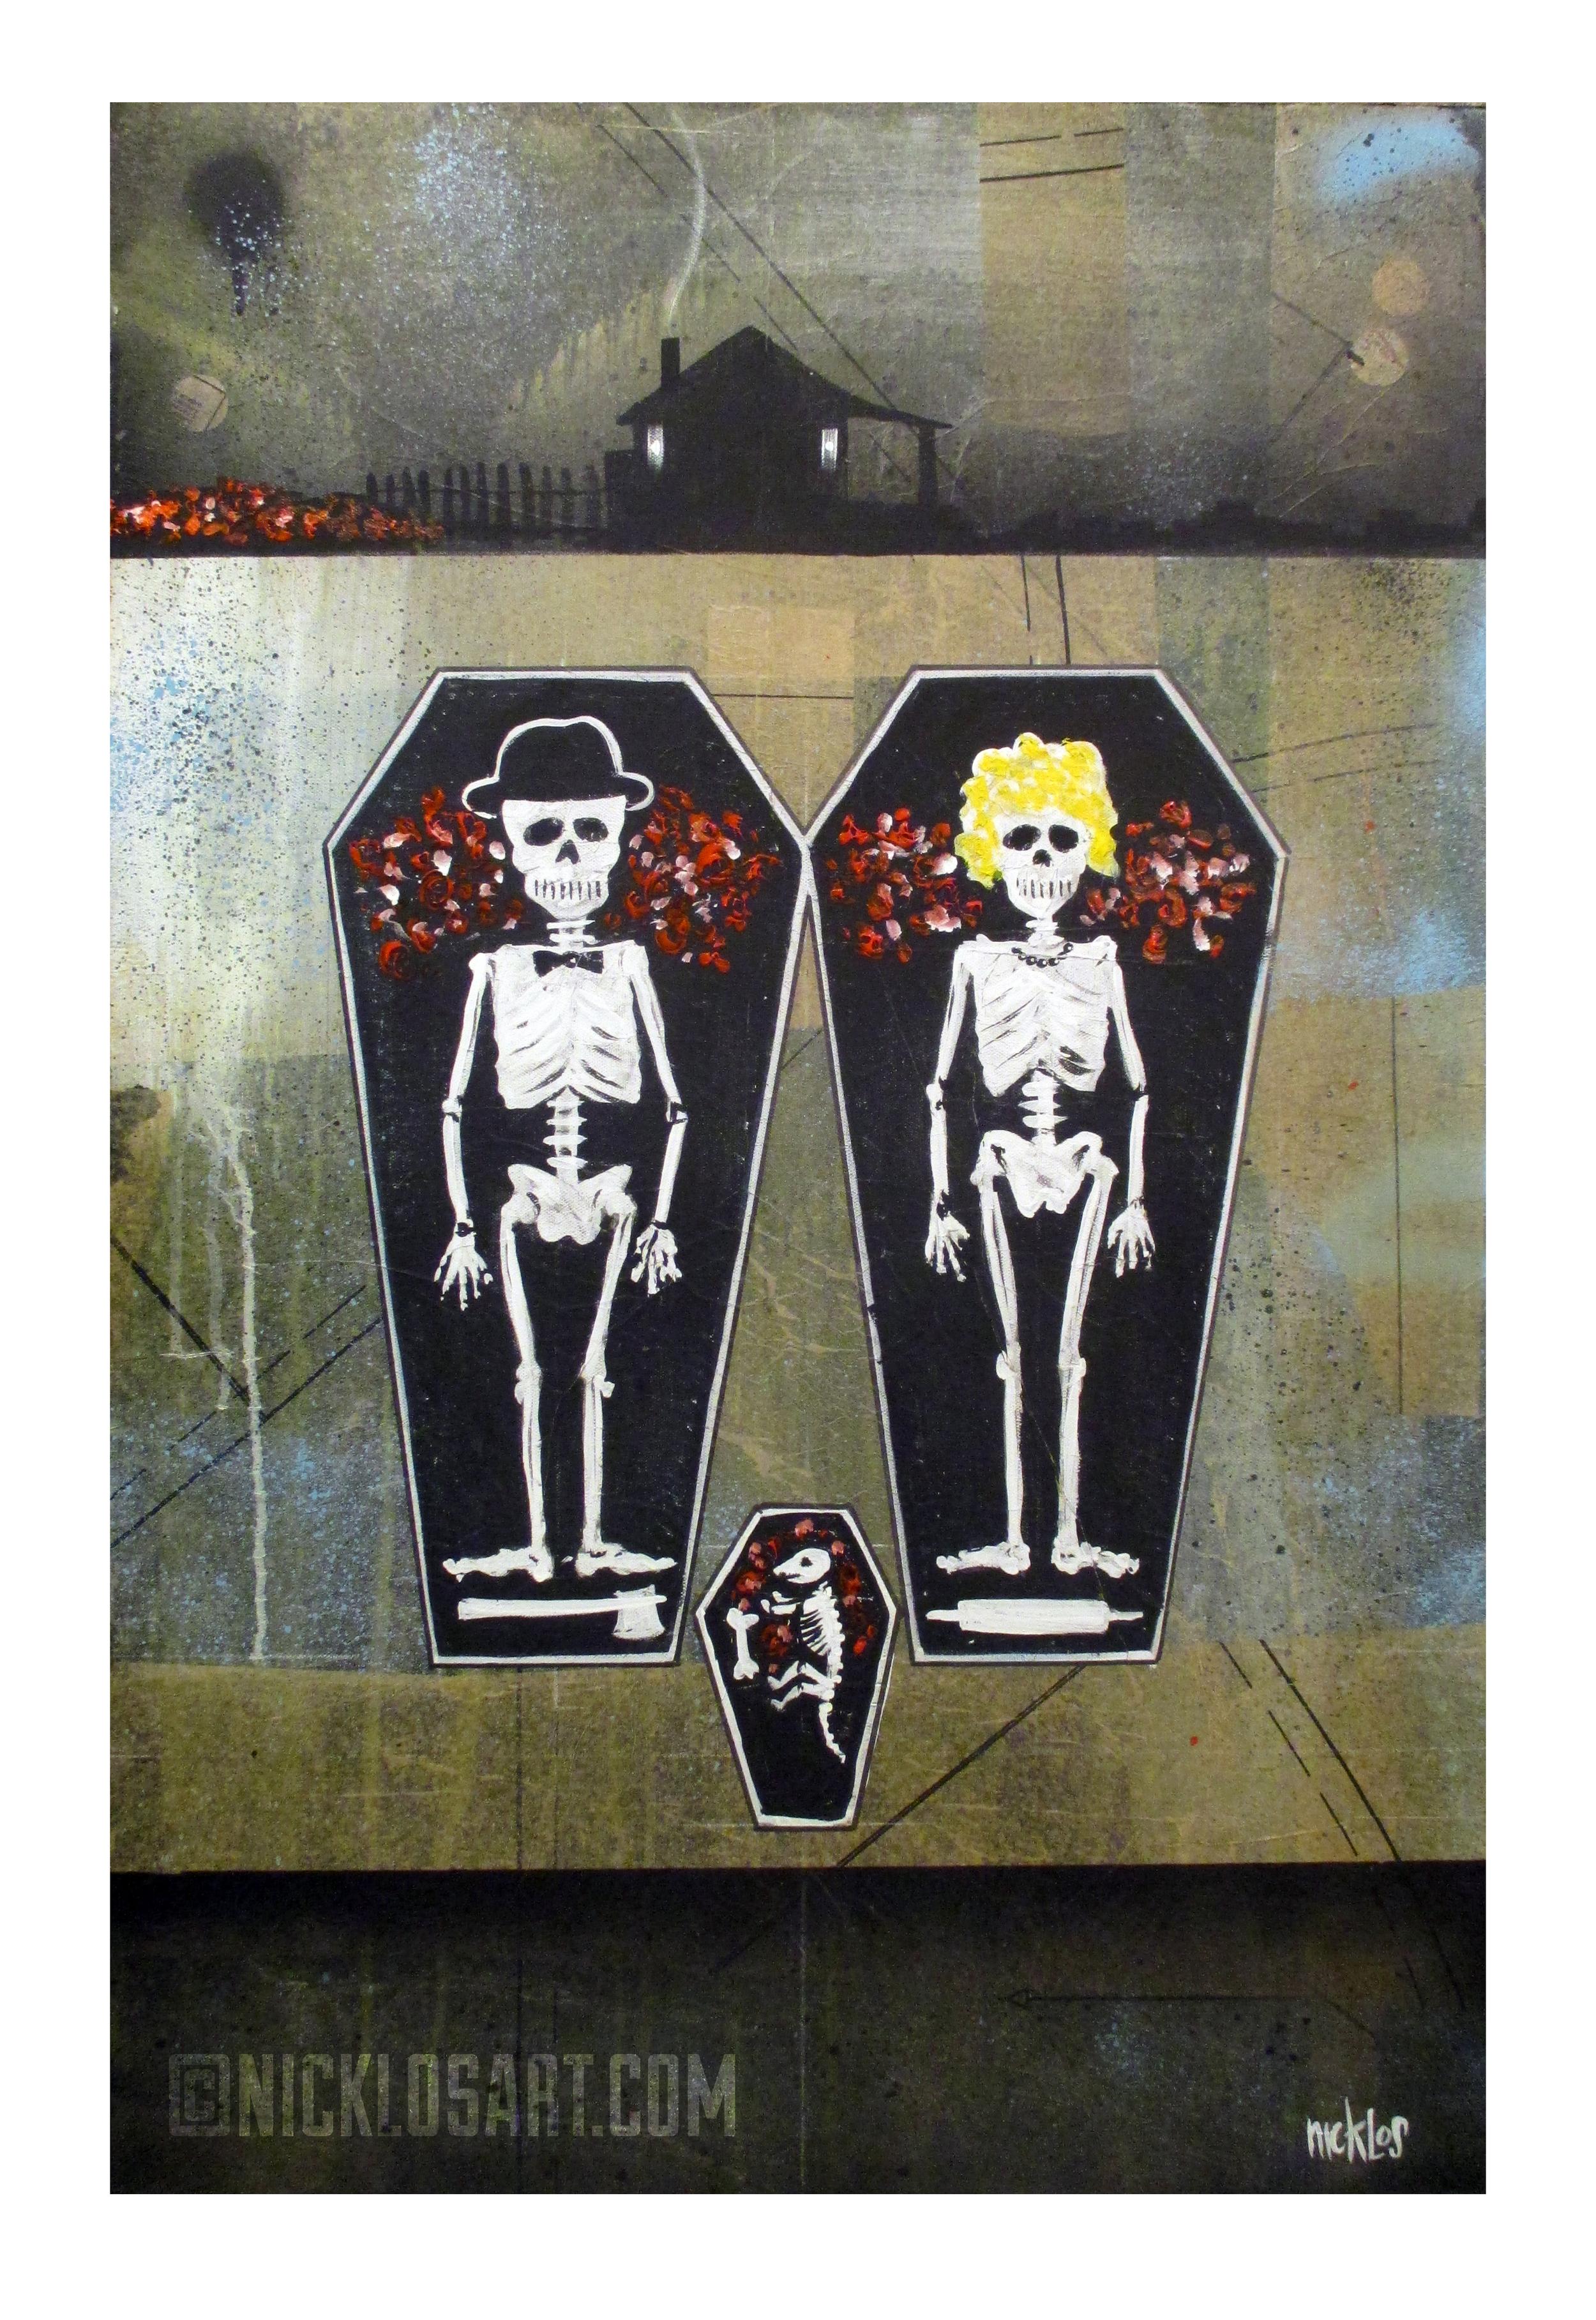 Skeleton Bedtime Folk Art